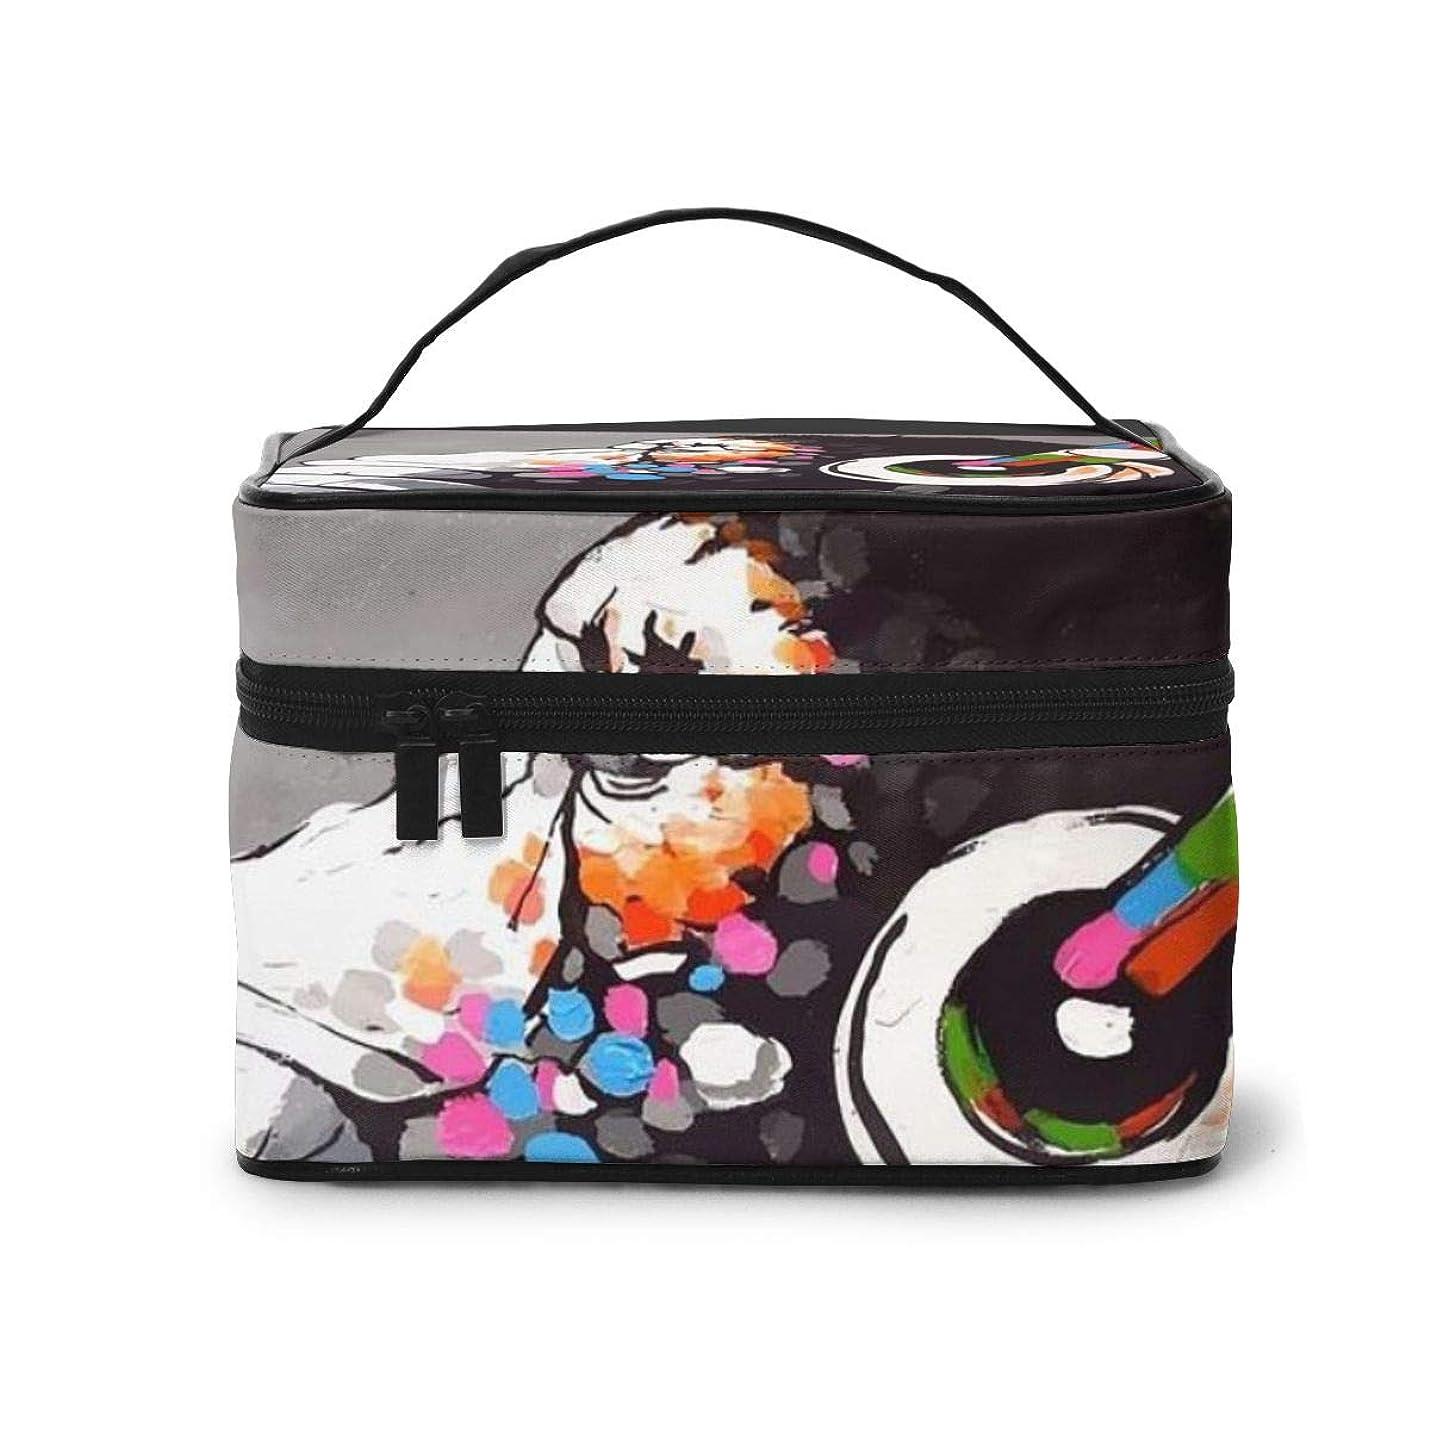 敬軍艦印象メイクポーチ 化粧ポーチ コスメバッグ バニティケース トラベルポーチ Banksy バンクシー 雑貨 小物入れ 出張用 超軽量 機能的 大容量 収納ボックス